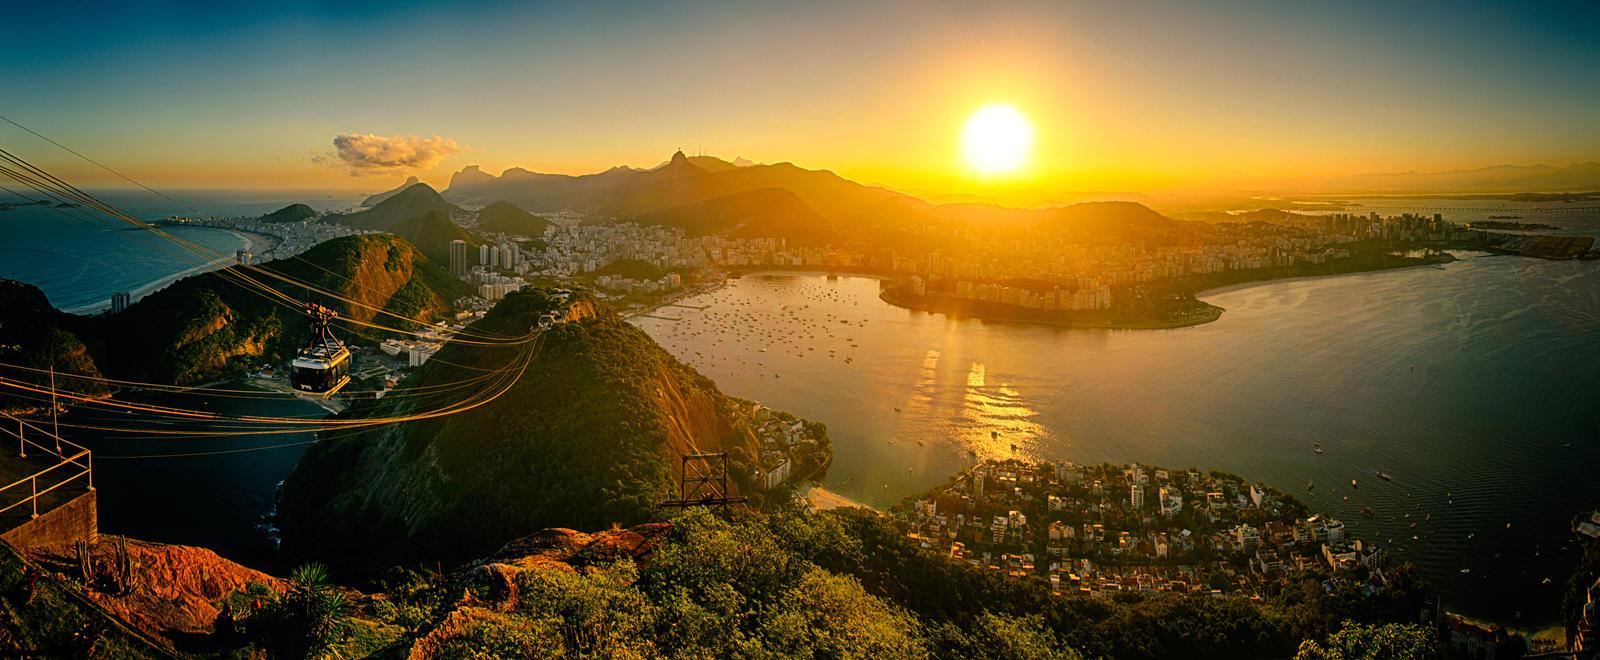 Rio de Janeiro Sunset by scwl